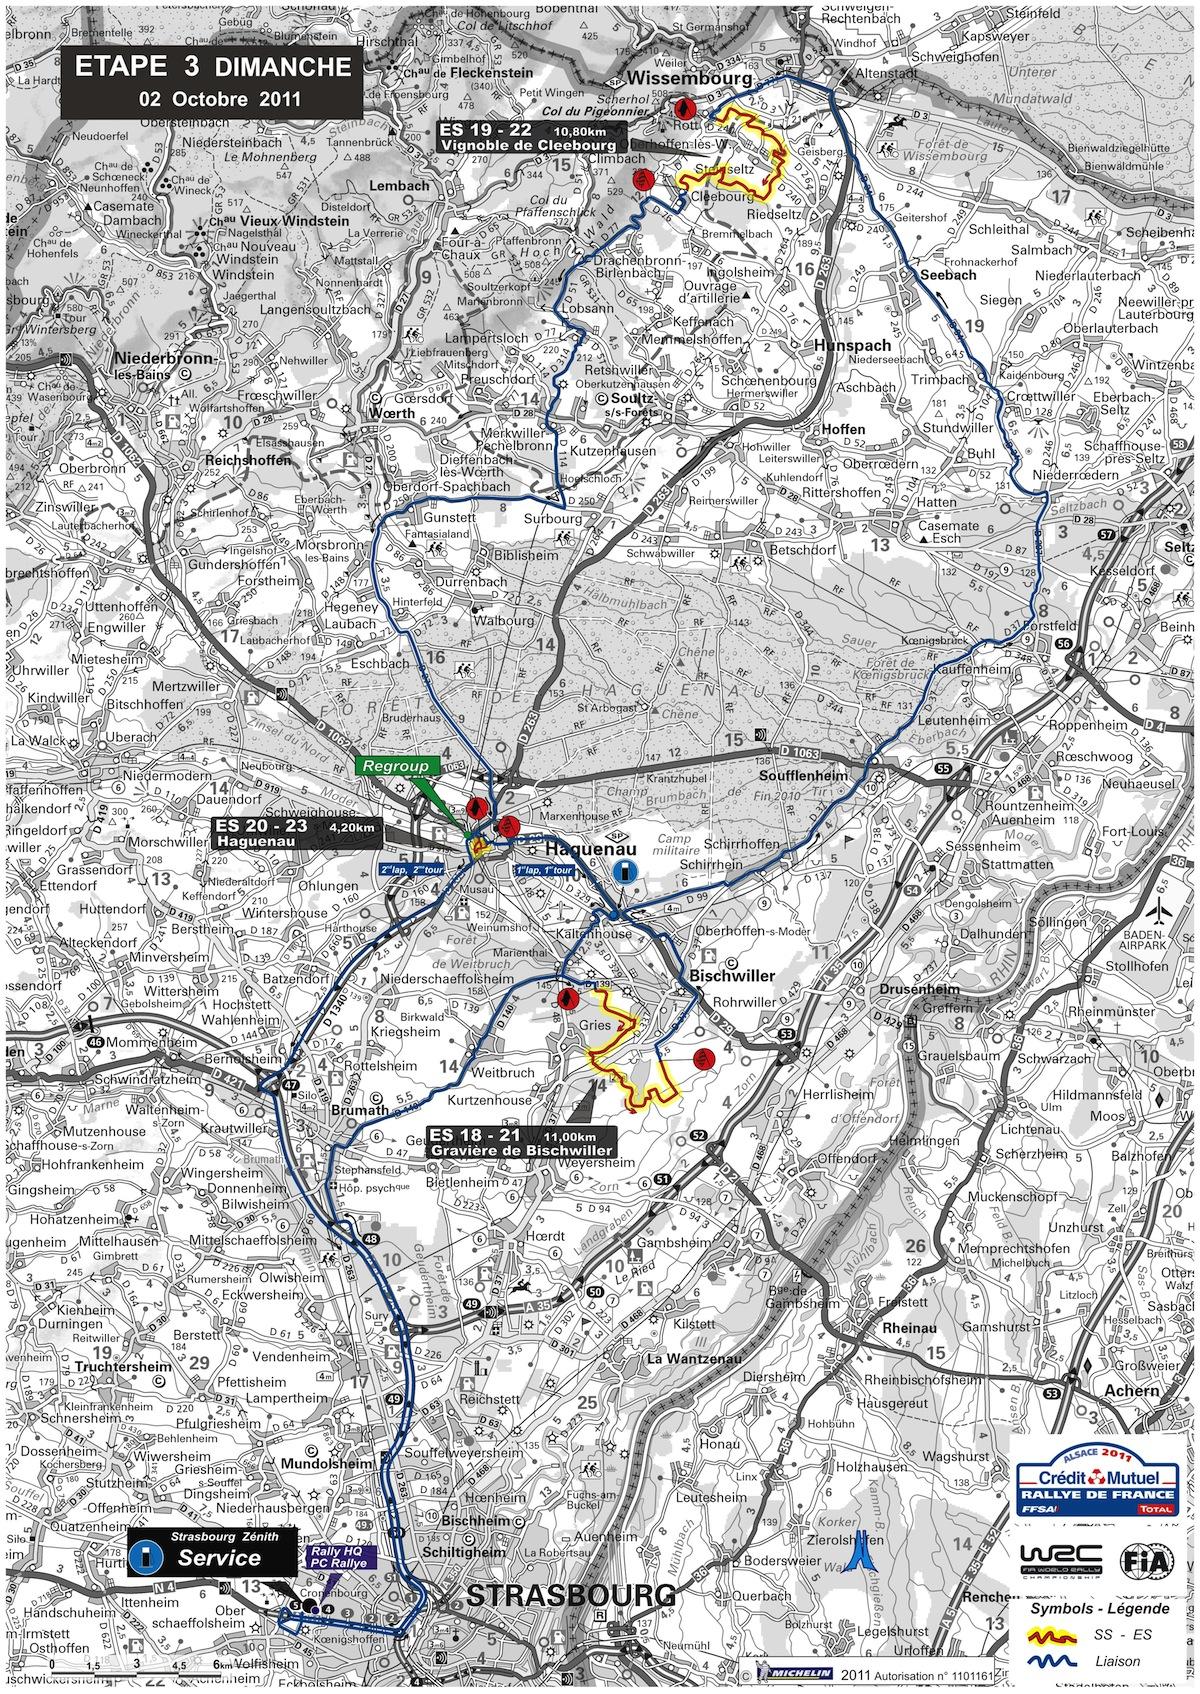 Carte de l'étape 3 du rallye de France 2011